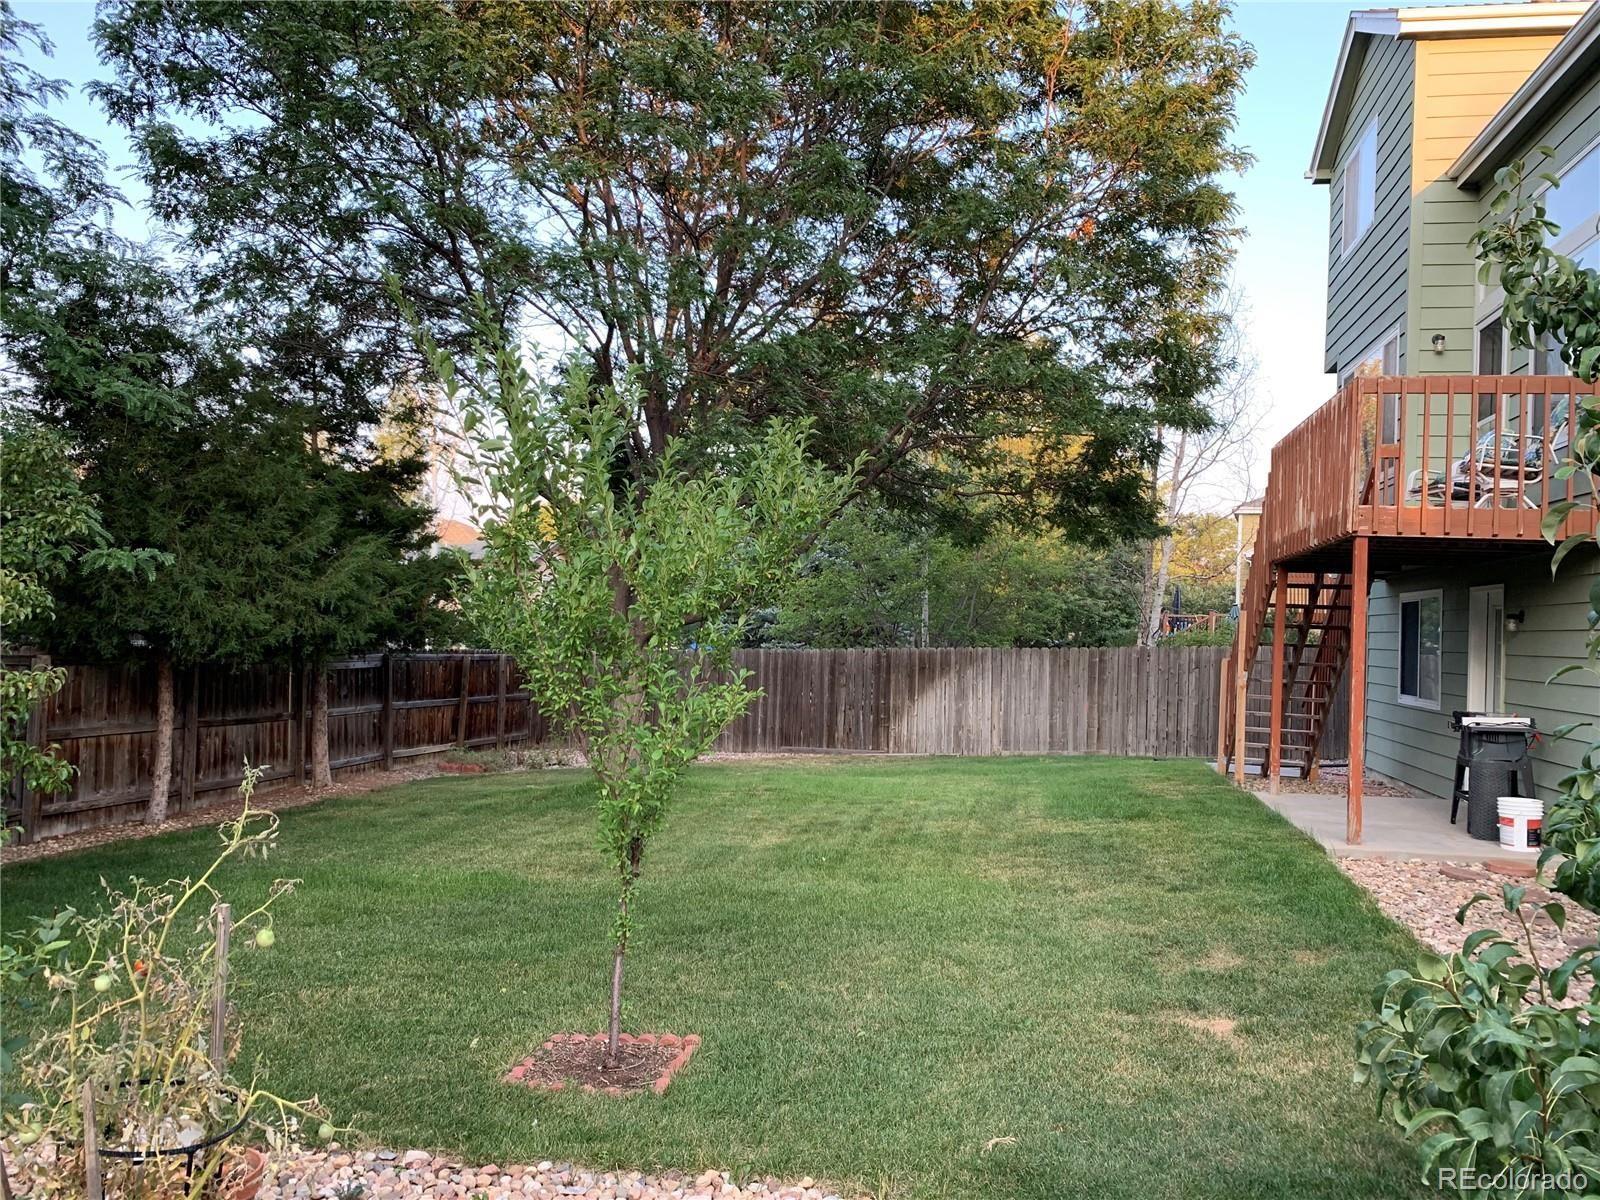 Photo of 1874 Cedaridge Circle, Superior, CO 80027 (MLS # 4702801)